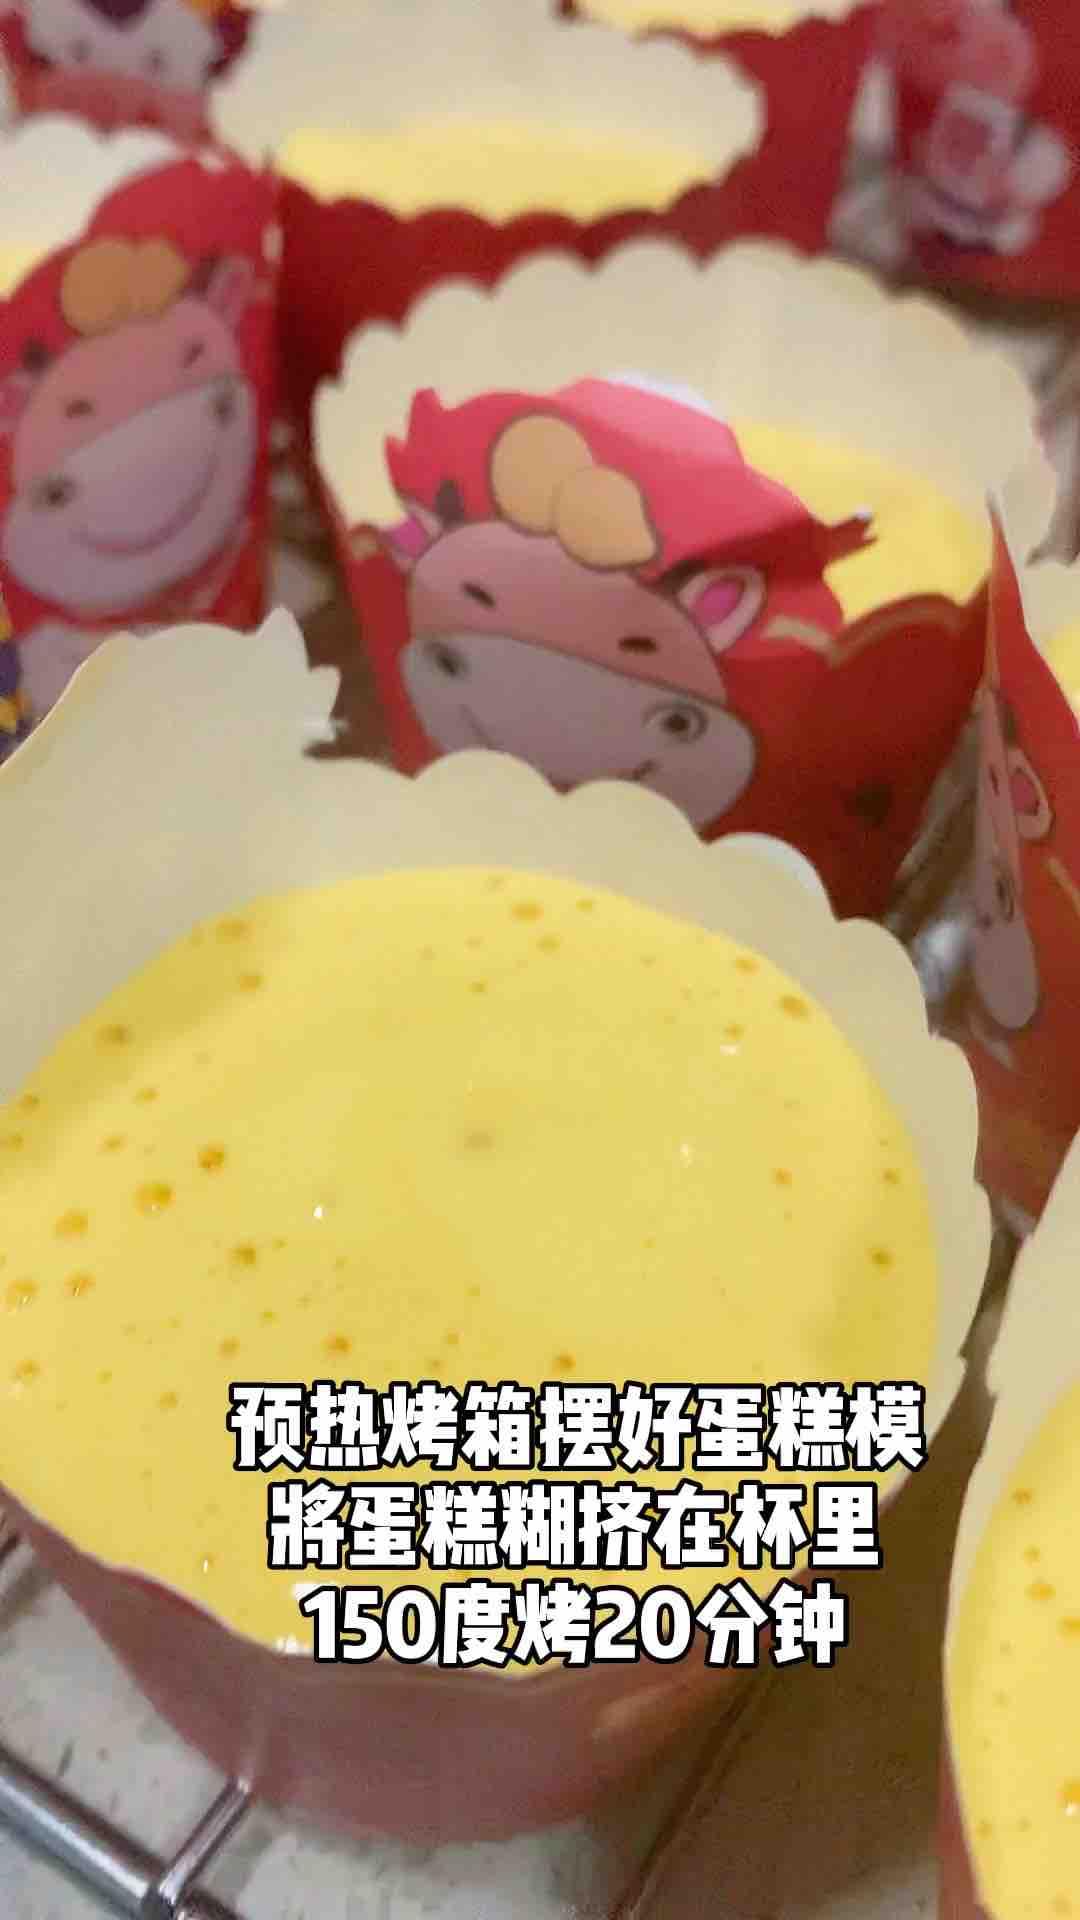 新春蛋糕杯祝大家新春快乐,了解一下无油少糖很健康怎么煮